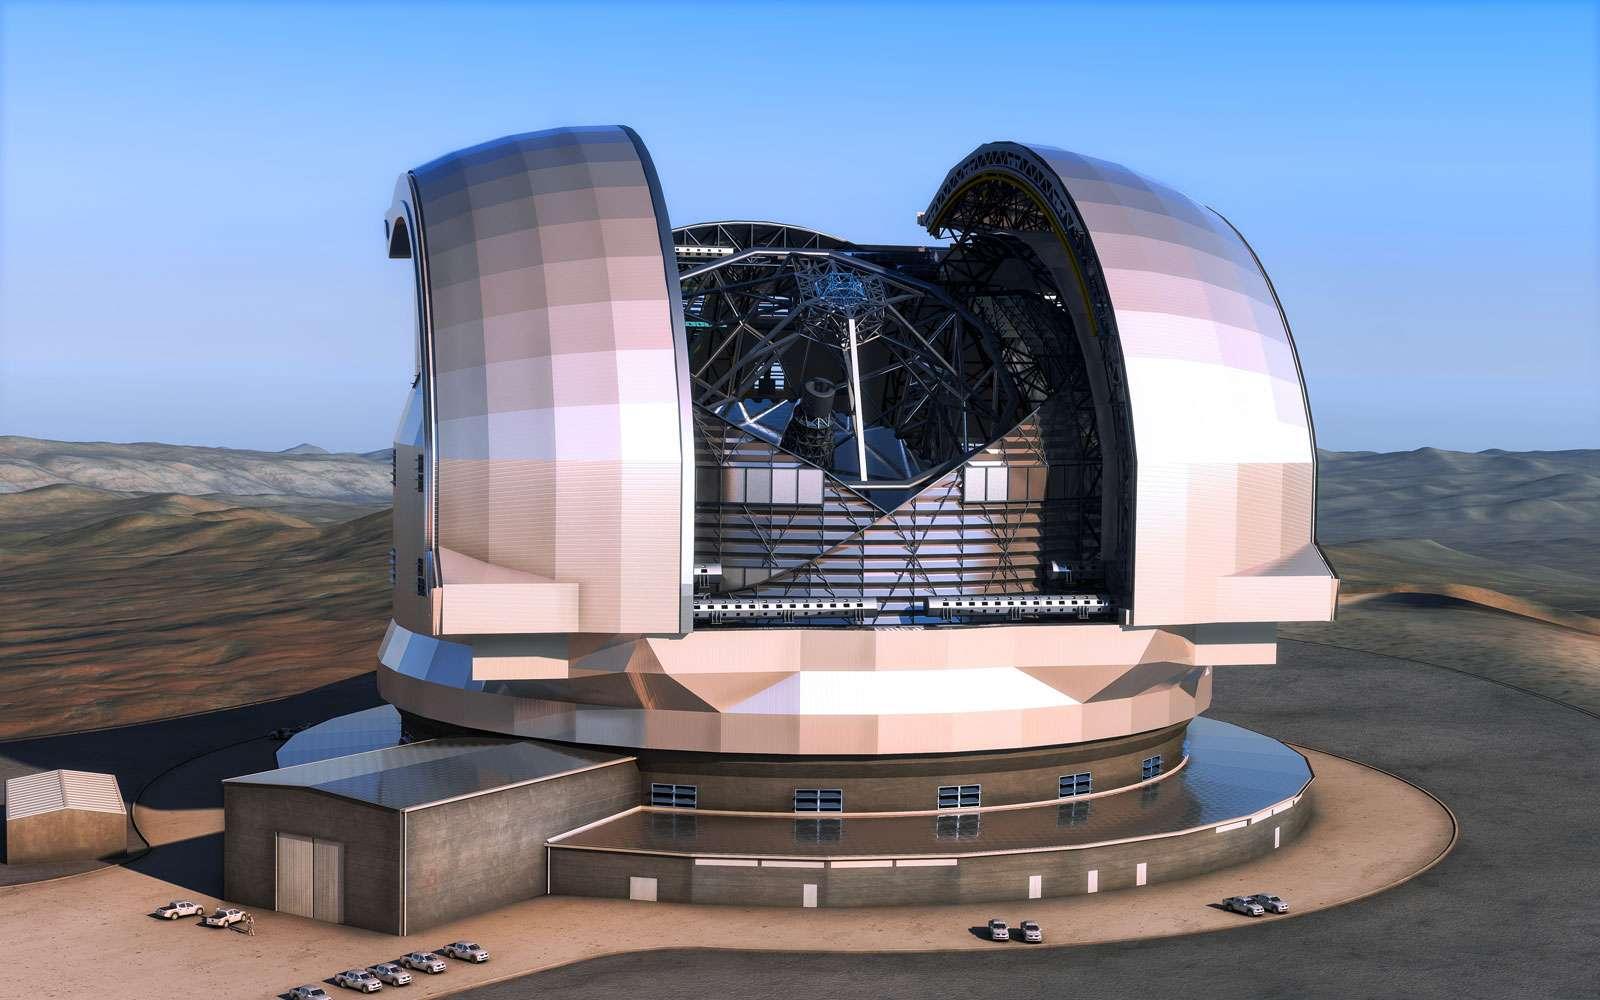 Après l'interférométrie au VLT, les 66 antennes d'Alma et en attendant l'E-ELT, l'Europe se donne les moyens de jouer un rôle de leader dans l'astronomie au sol, au cours de ces prochaines décennies. © ESO, L. Calçada